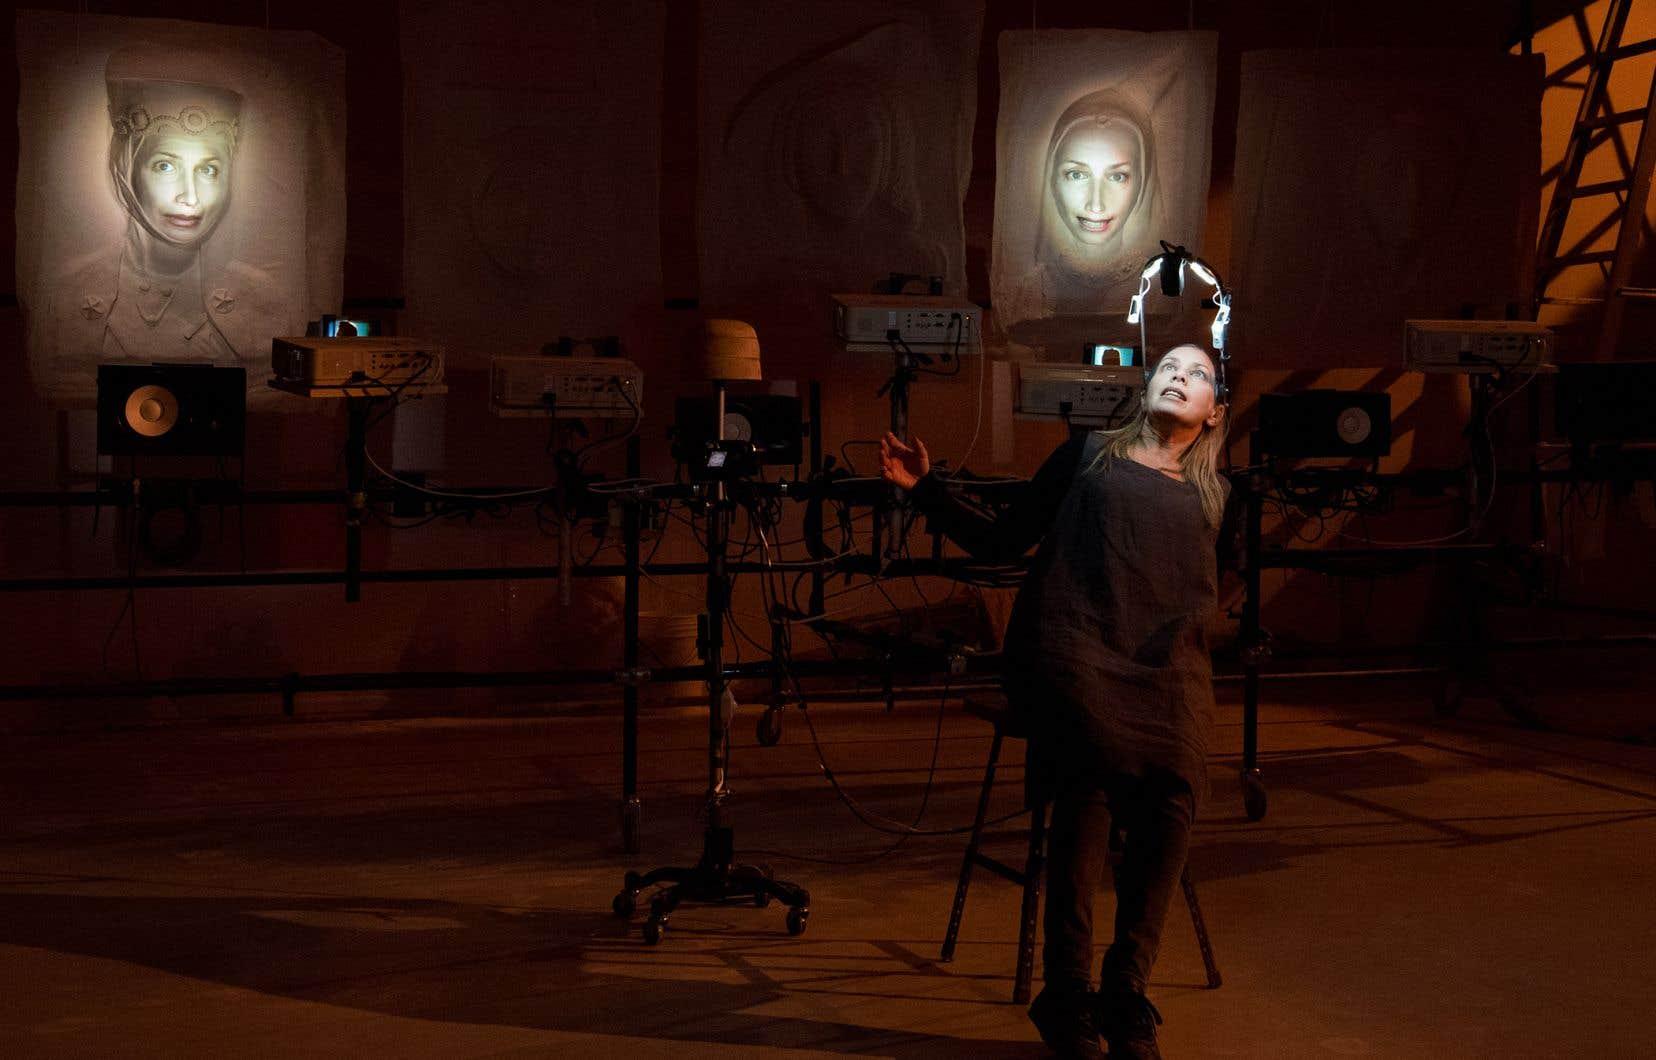 Céline Bonnier prête vie à celles qu'on nomme les témoins. Le visage de la comédienne est filmé et projeté sur des portraits de plâtre incarnant des personnages allant du XIIIe au XXesiècle.